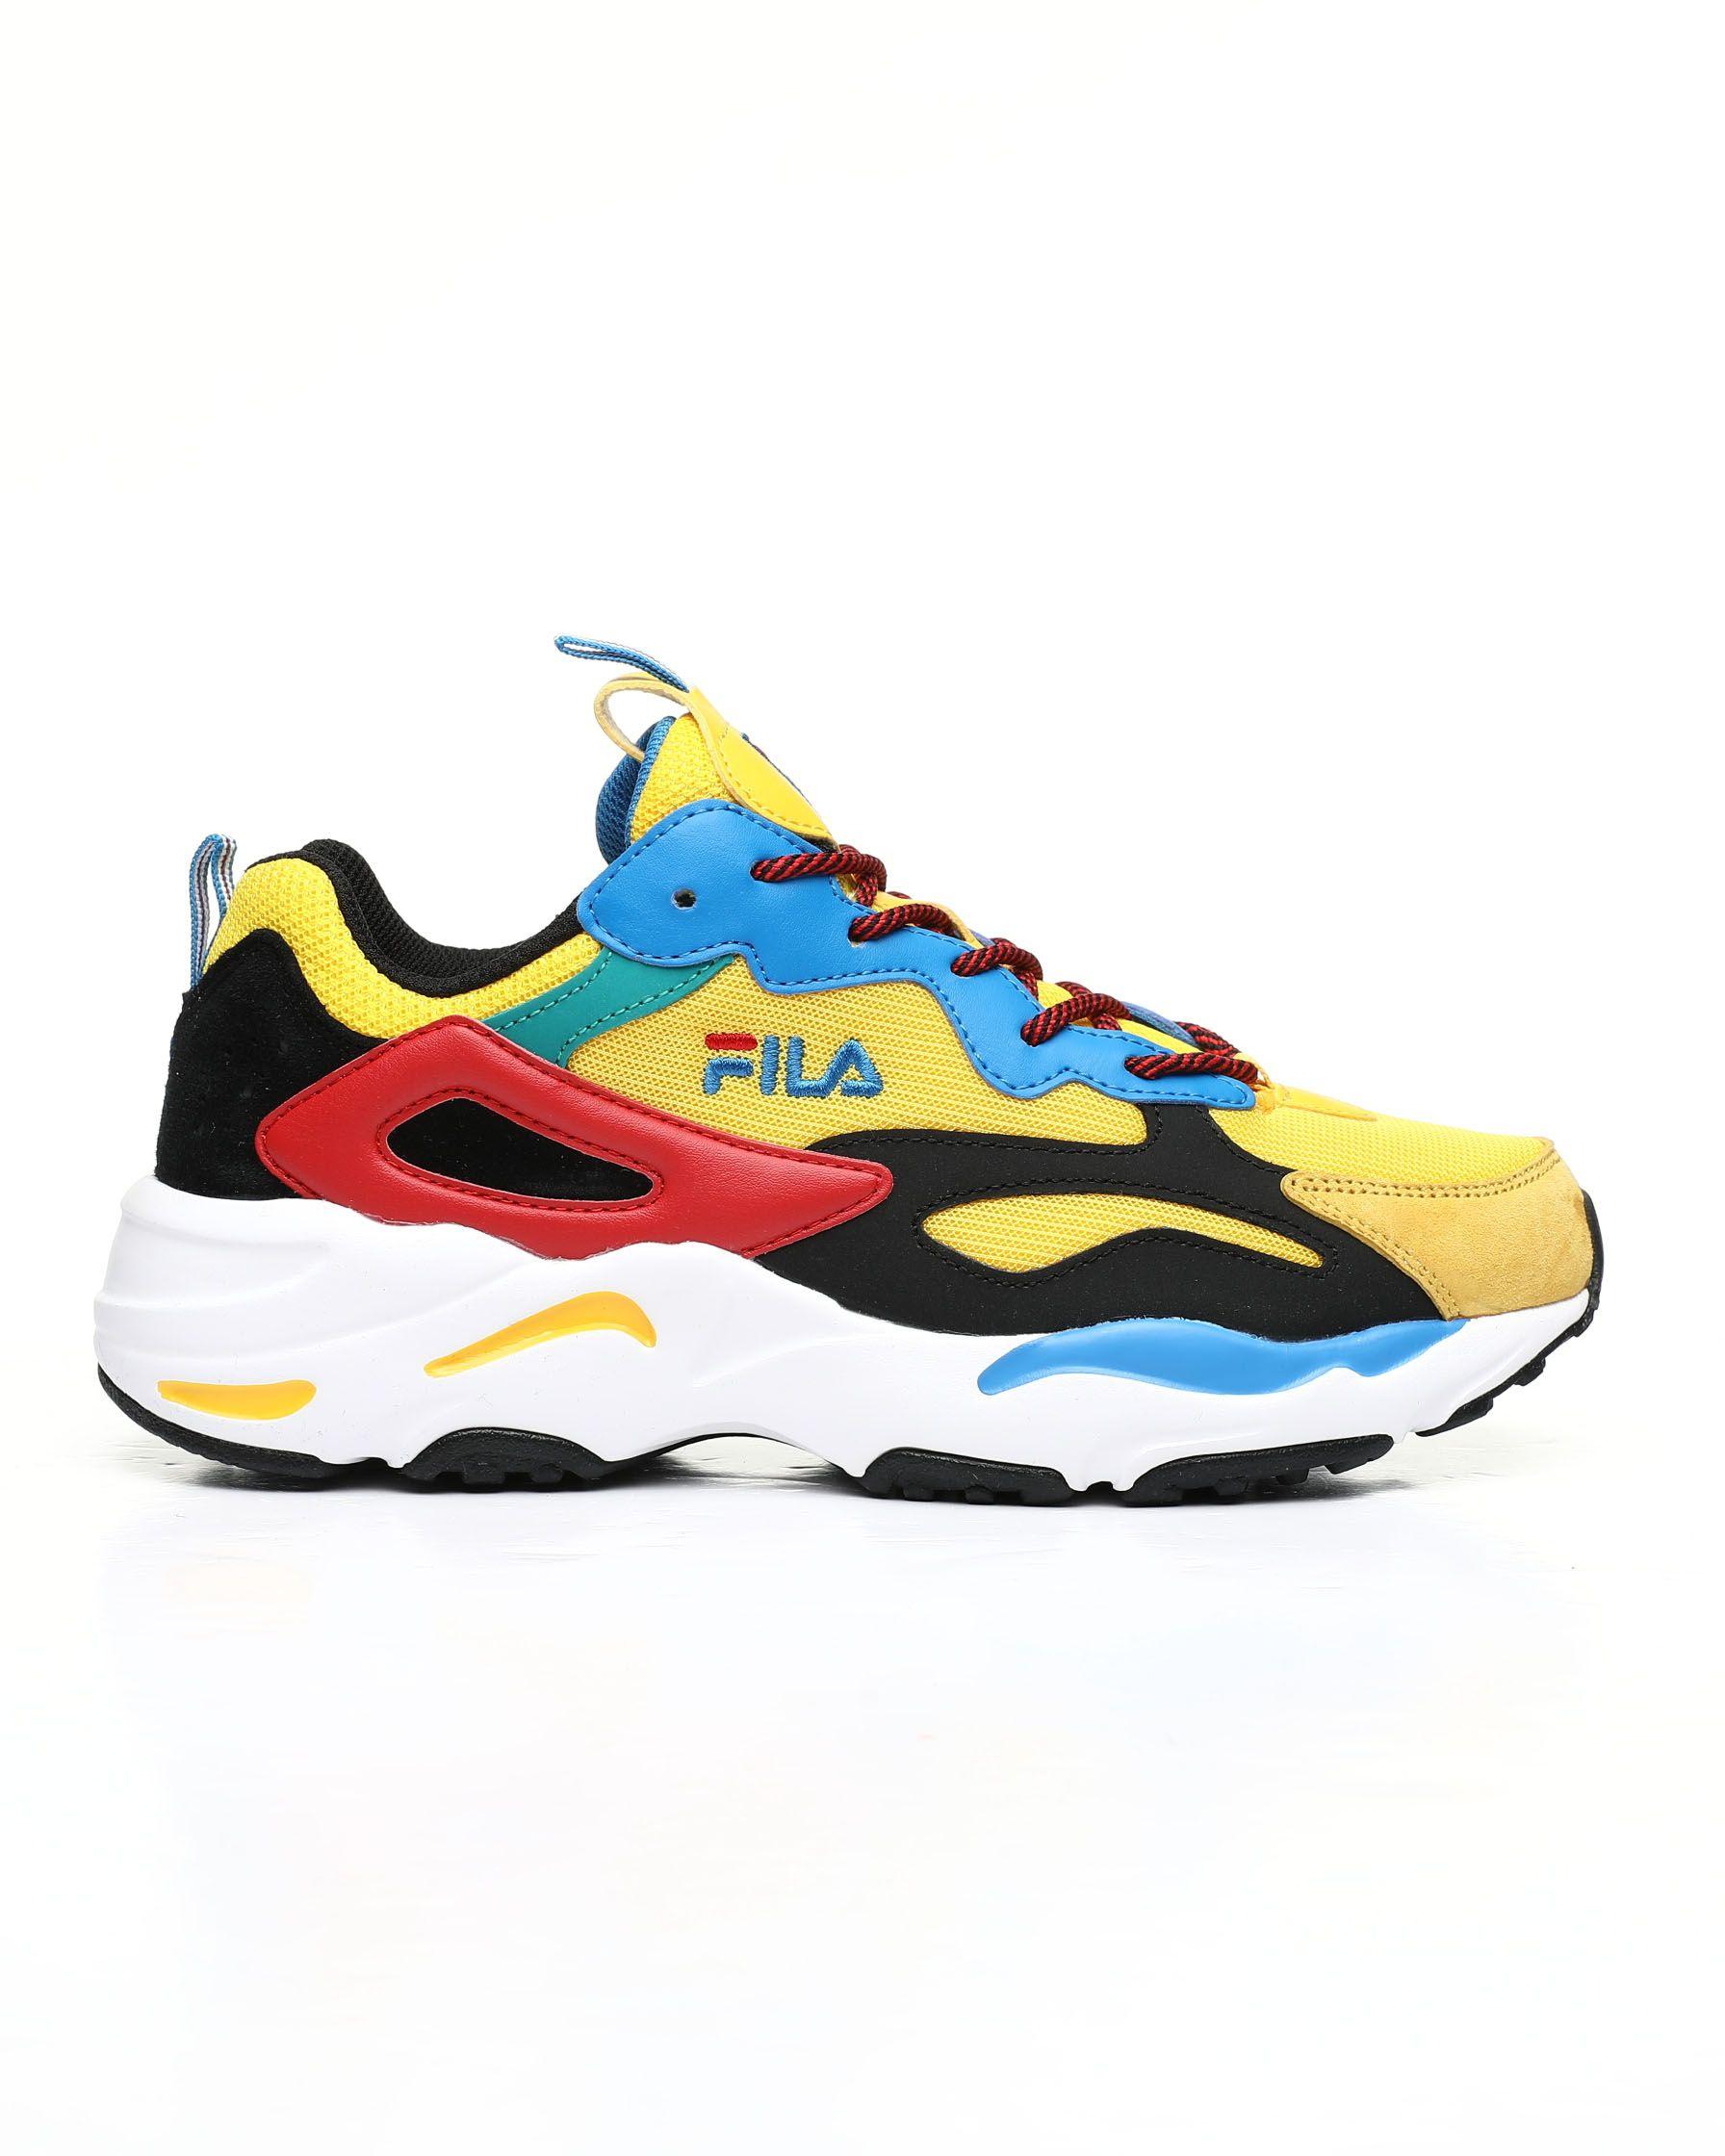 Buy Ray Tracer Festival Sneakers Men's Footwear from Fila